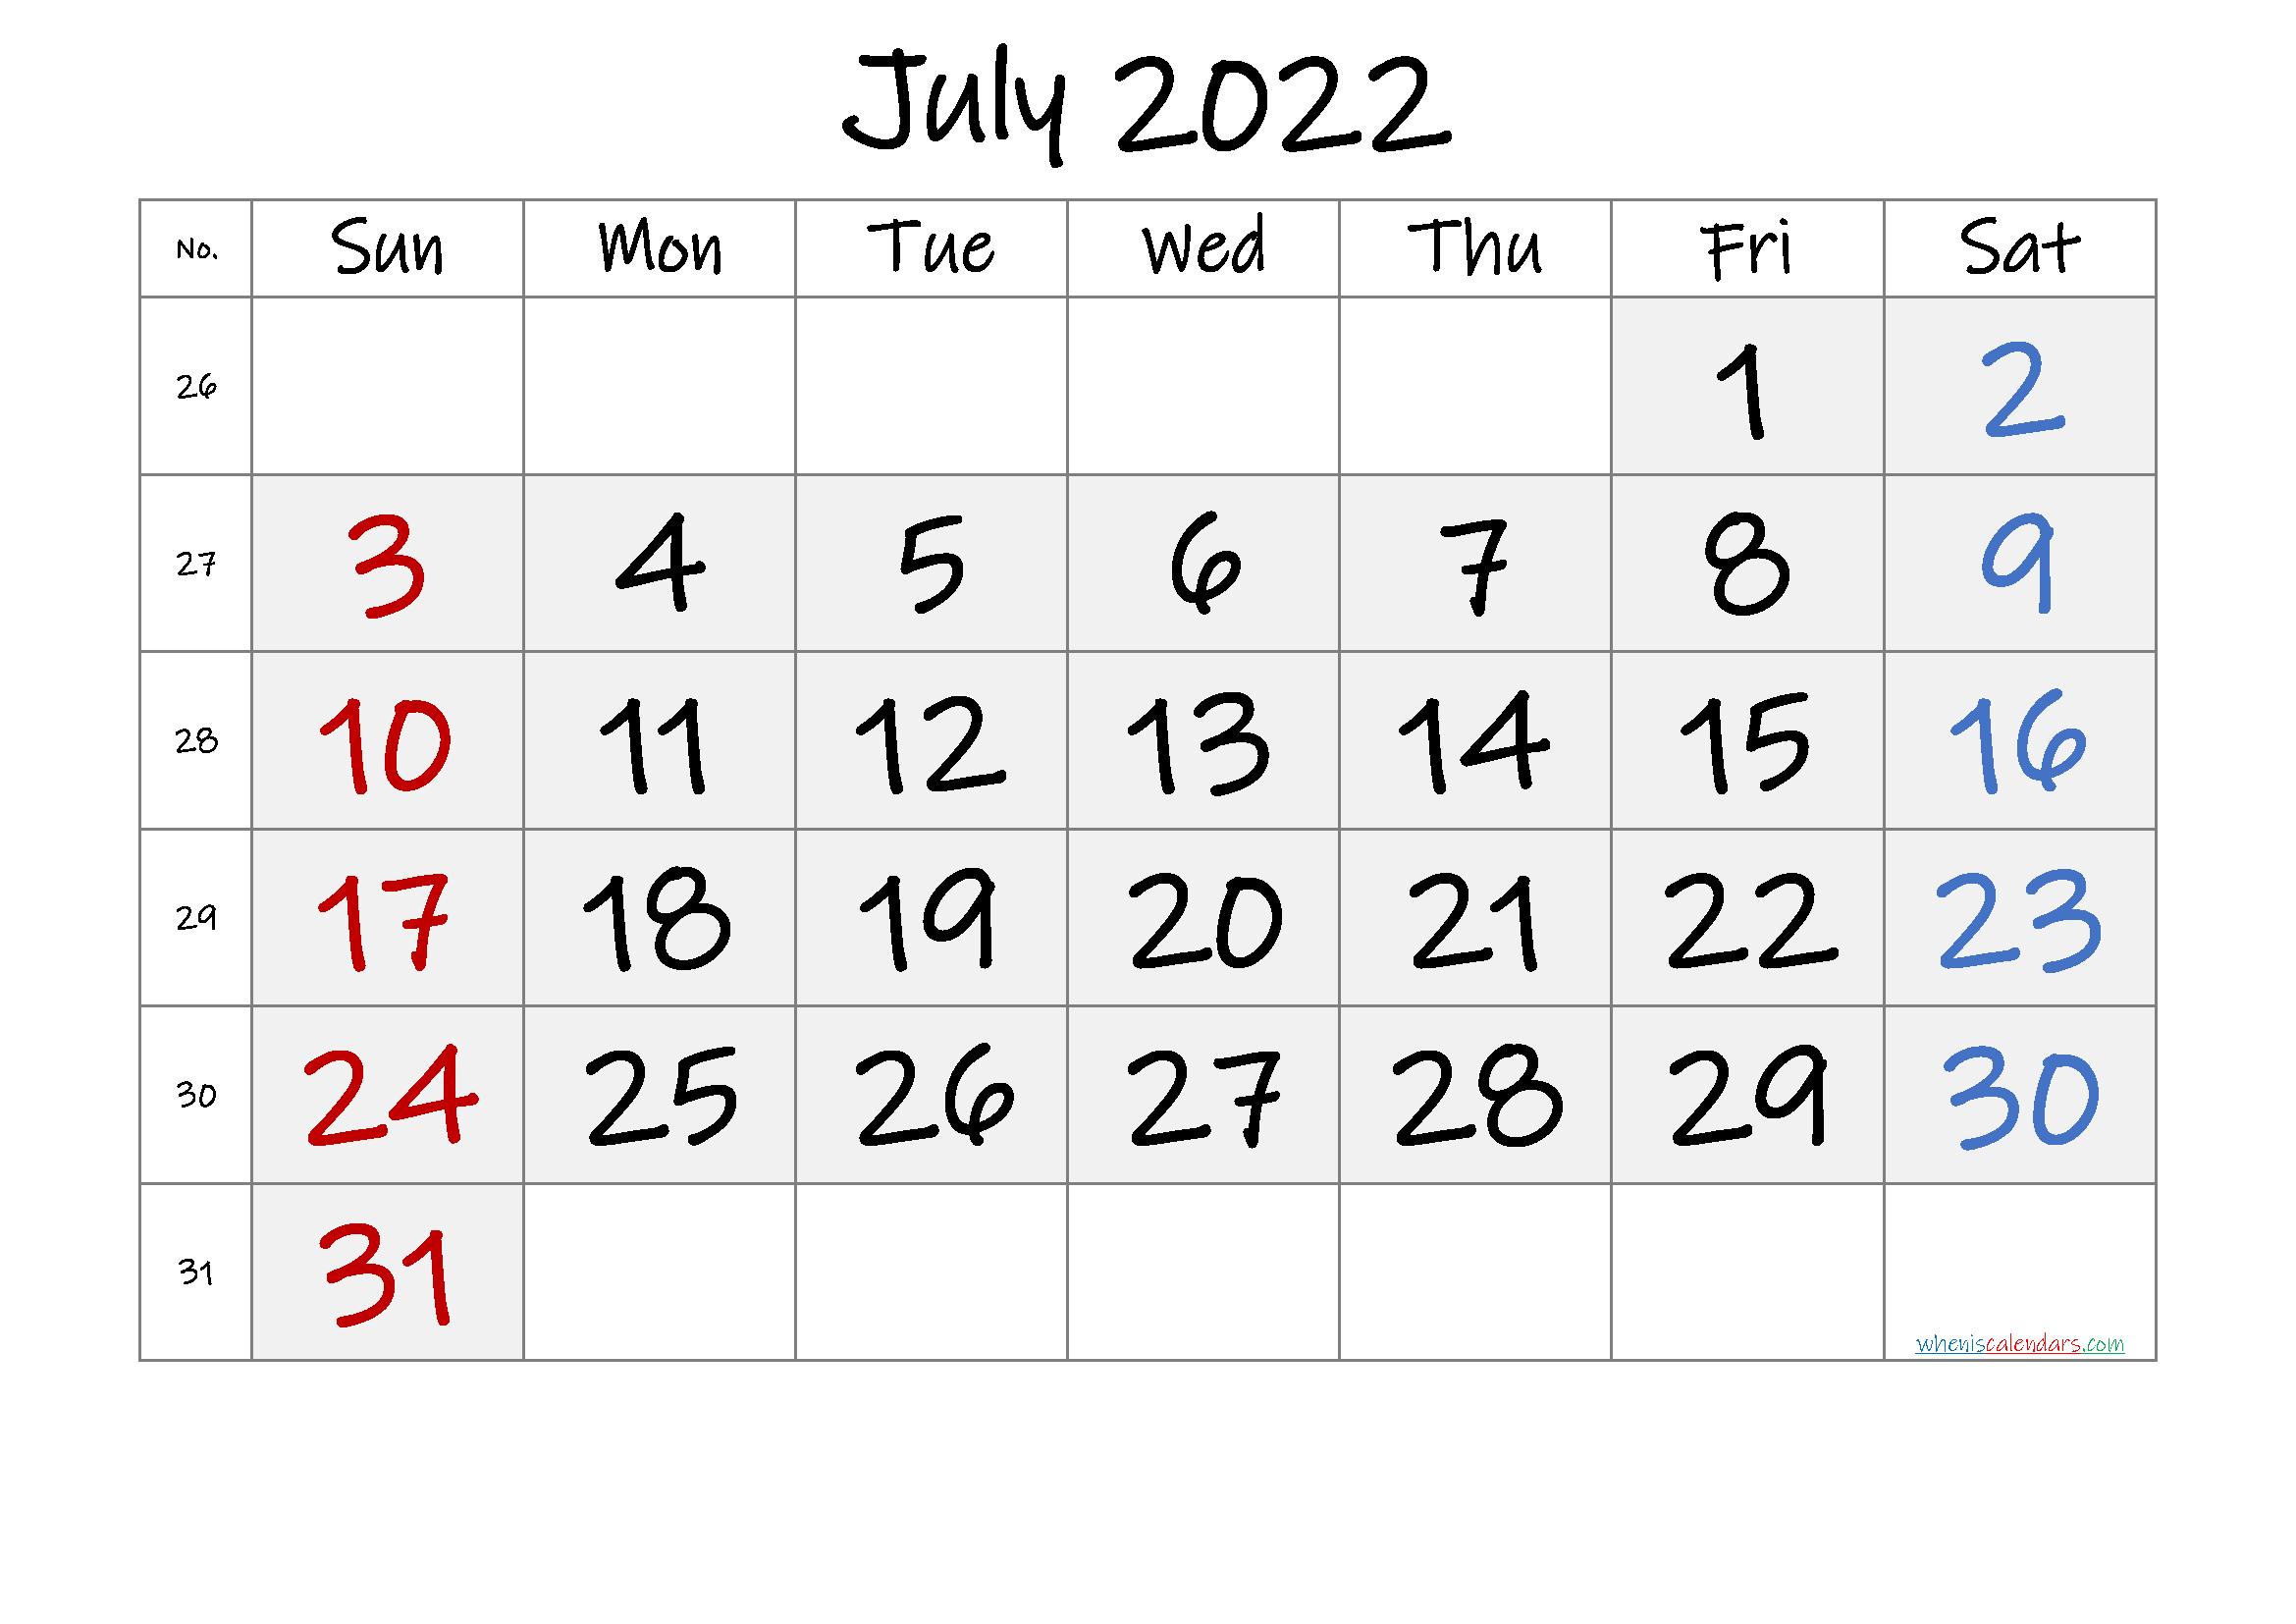 Free Printable July 2022 Calendar with Week Numbers